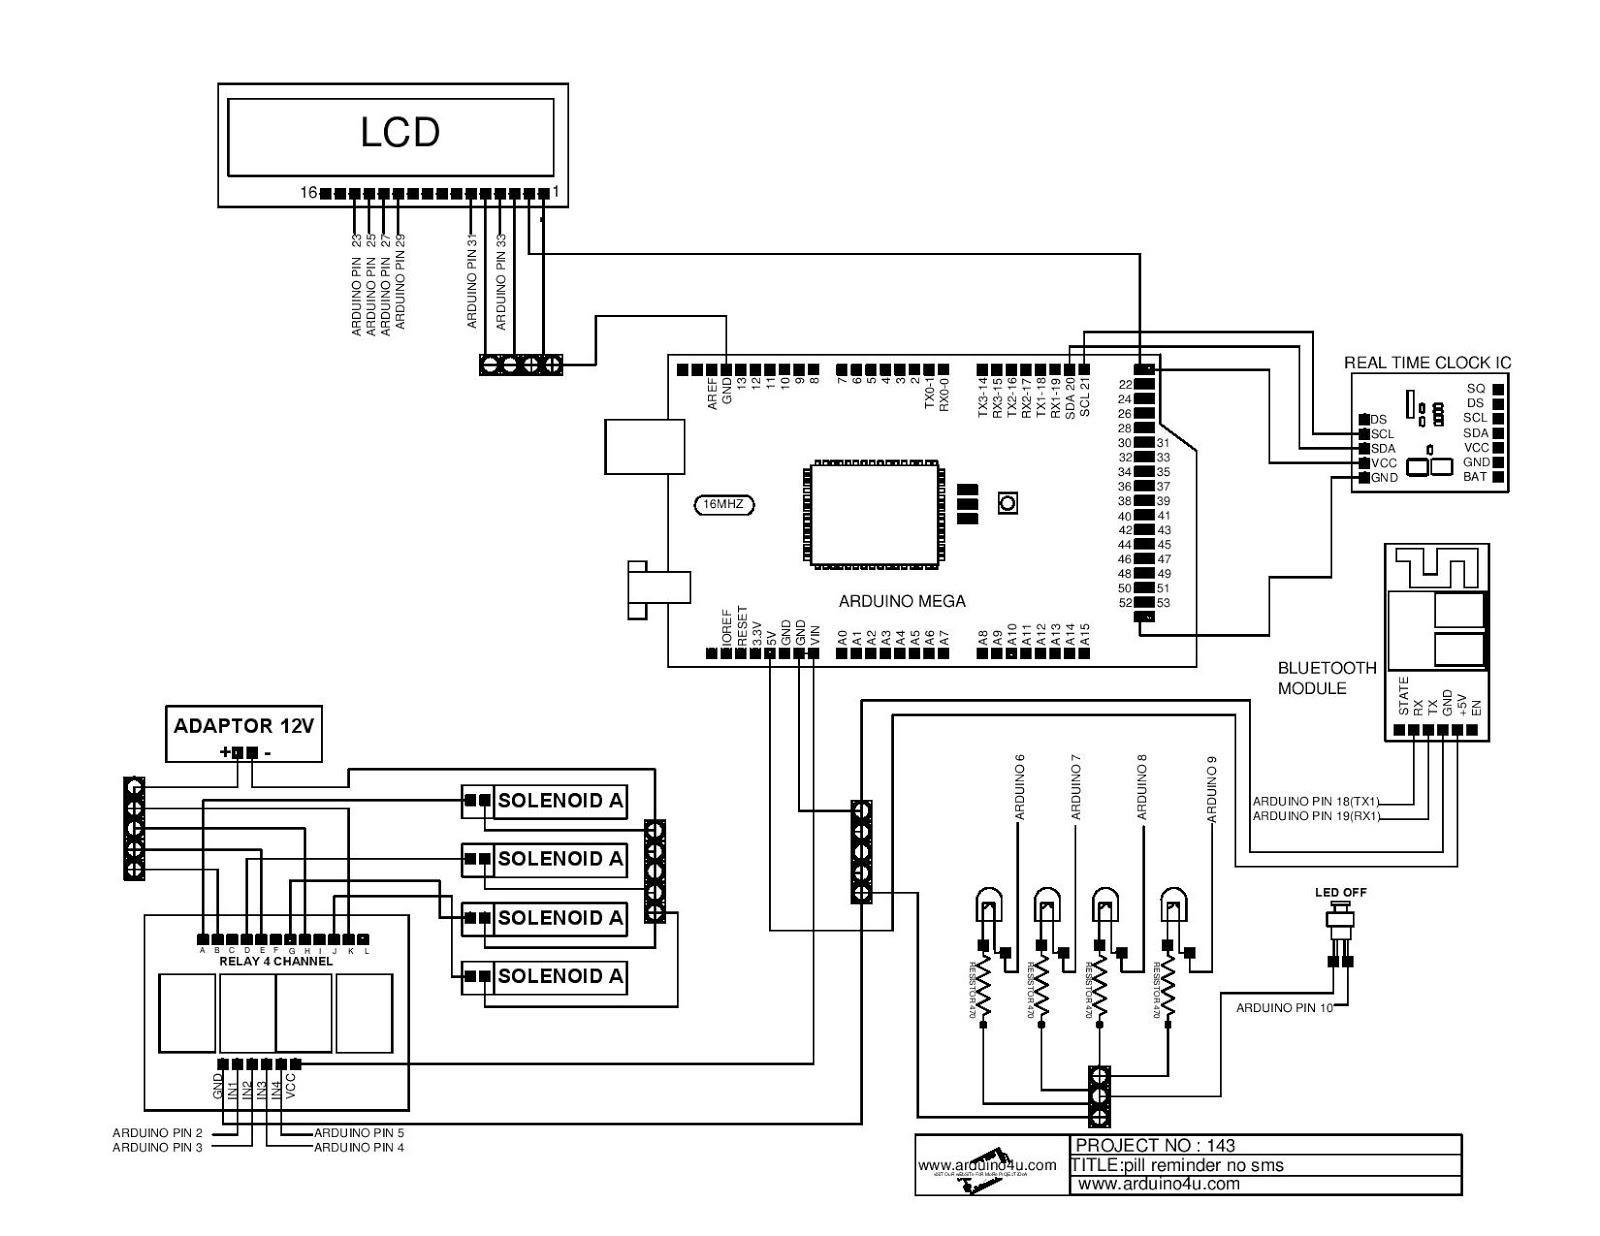 Projek Elektronik Arduino4u 143 Pil Reminder No Sms